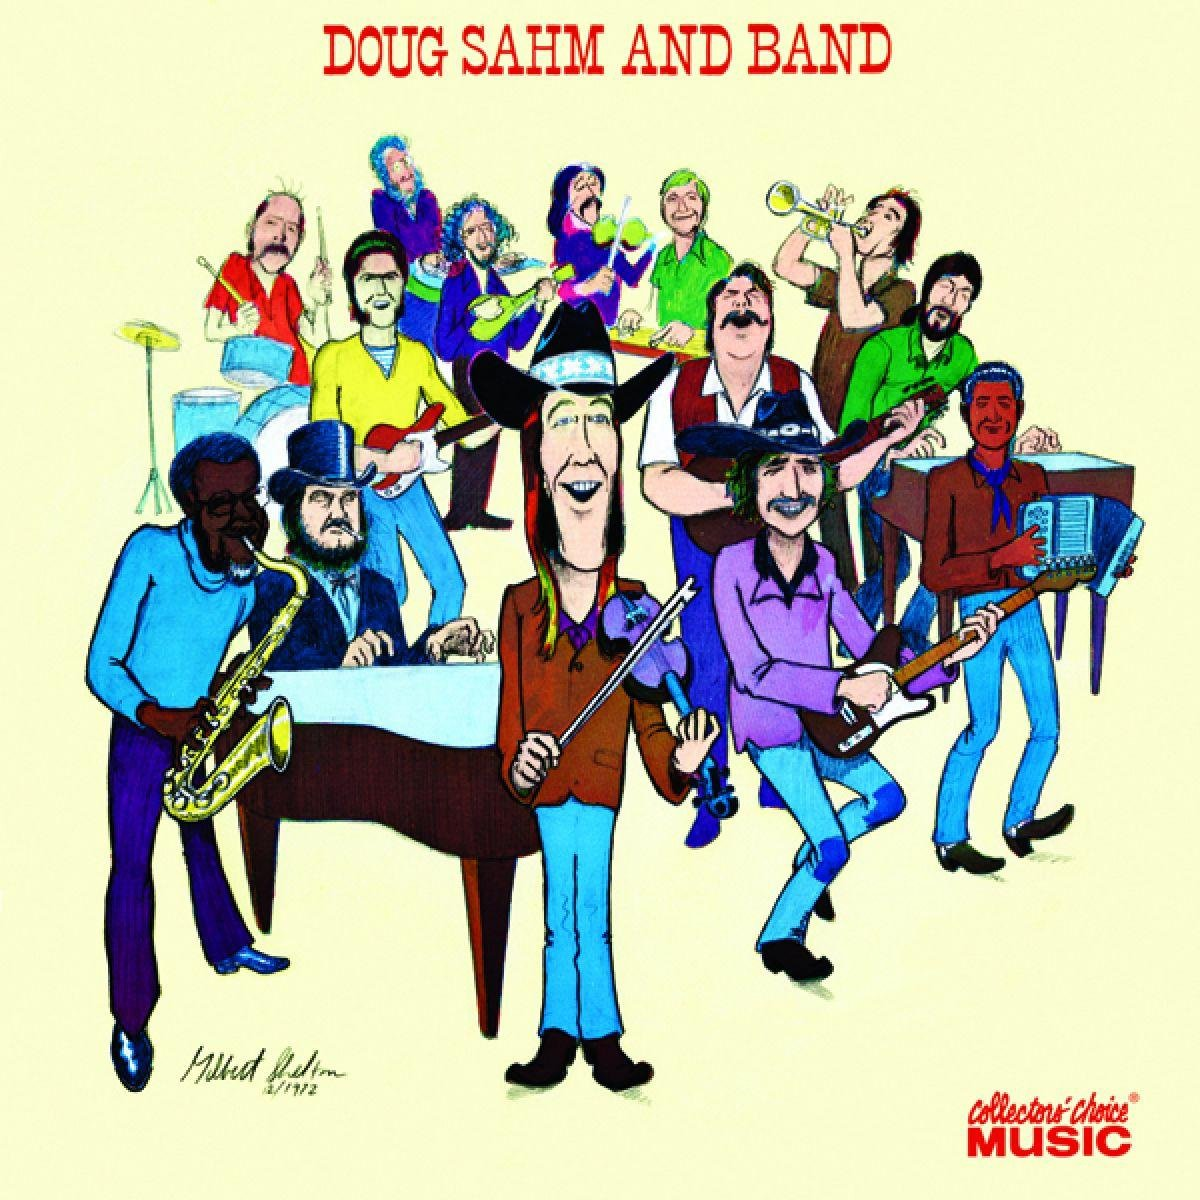 Doug Sahm & Band by Collector's Choice